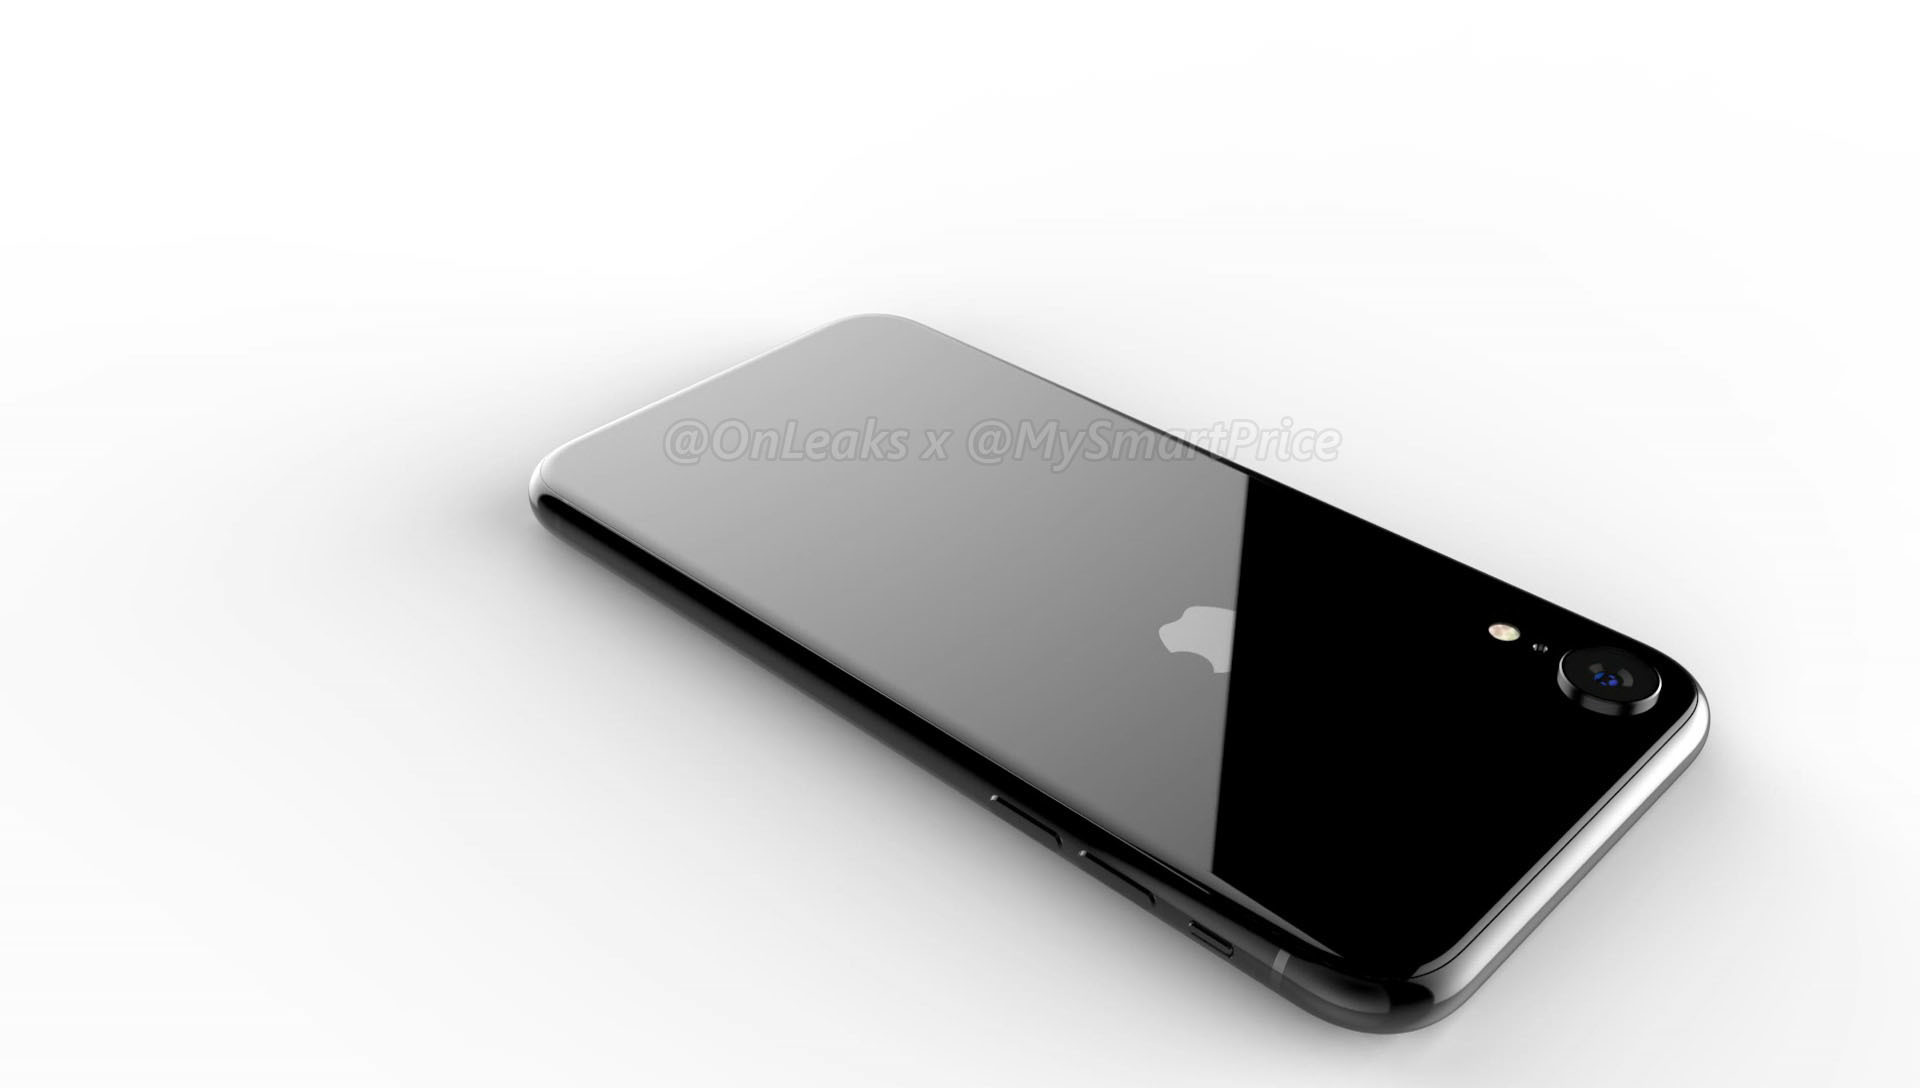 Những hình ảnh chân thực đến từng chi tiết về iPhone 9